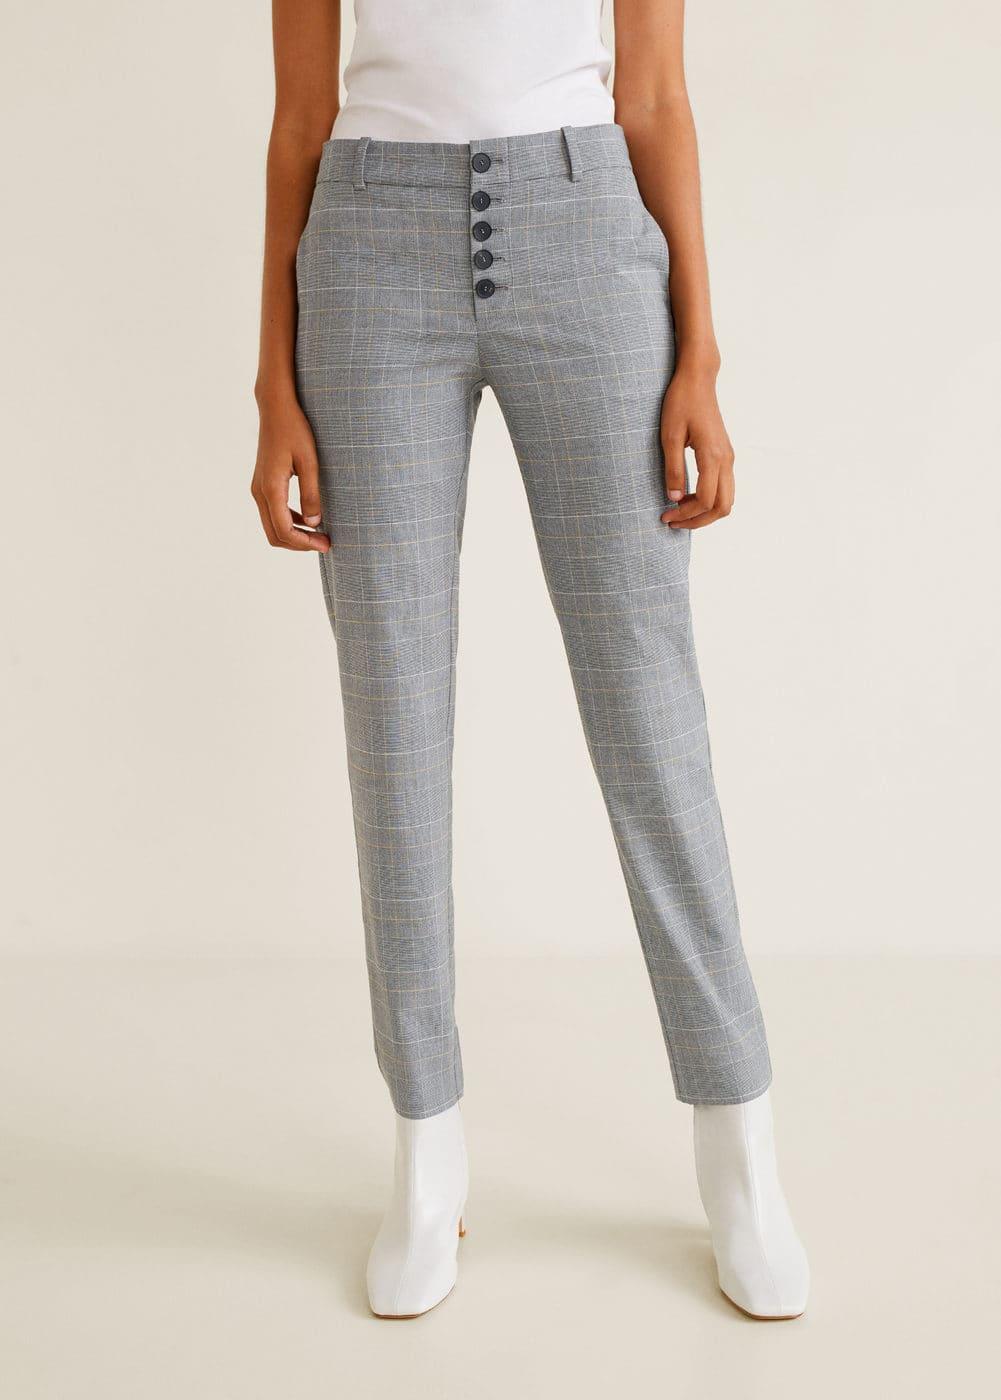 Mango - Pantalón algodón botones - 1